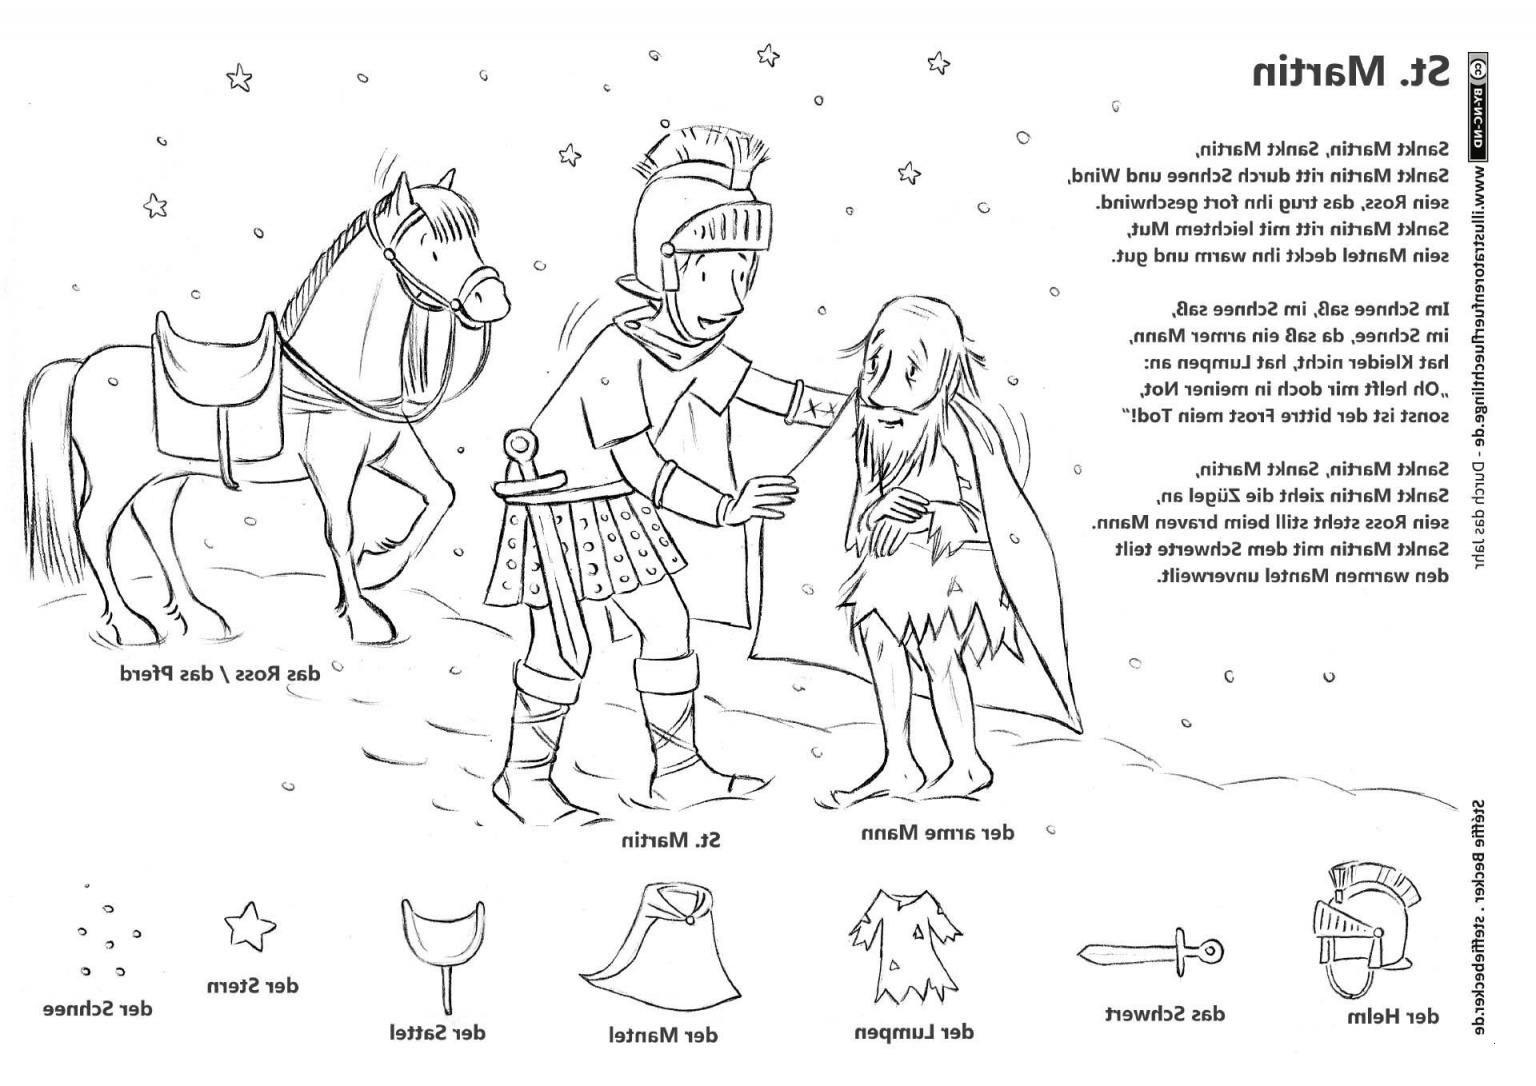 Pferde Ausmalbilder Mit Reiter Genial 25 Lecker Pferd Ausmalen – Malvorlagen Ideen Das Bild